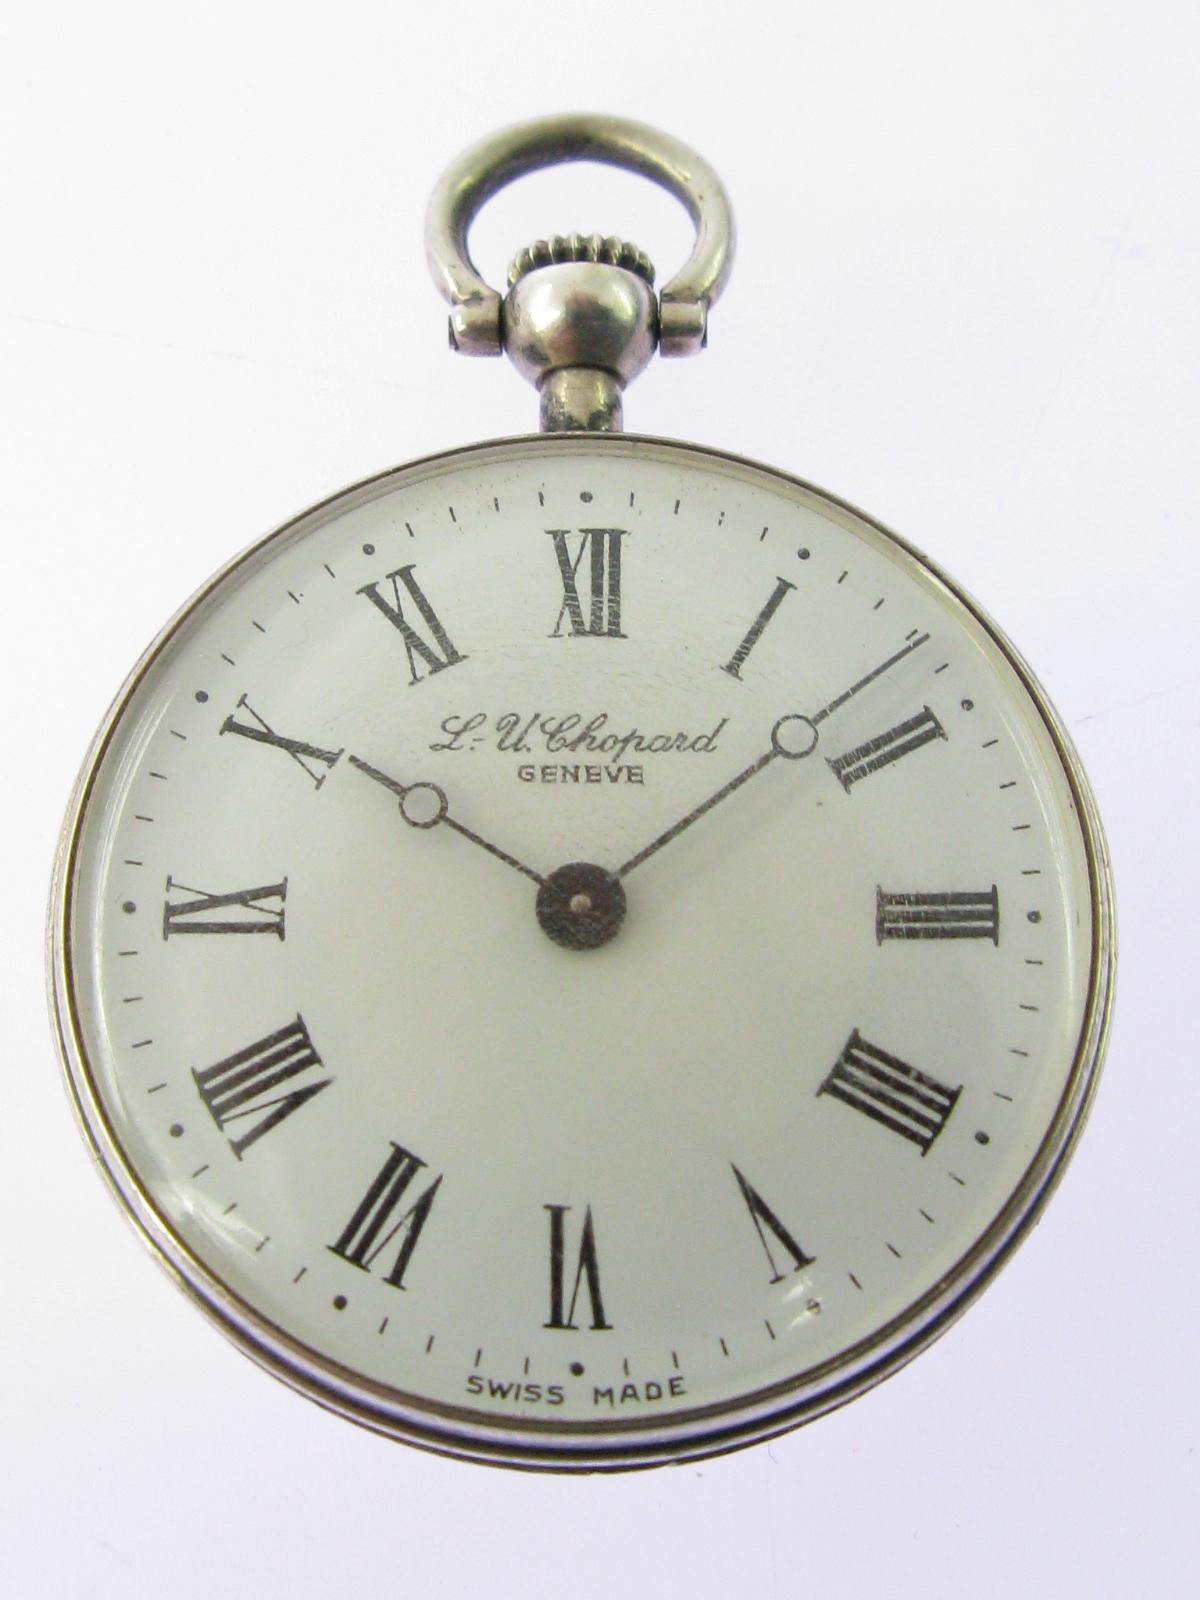 Taschenuhr  Mechanische - (Handaufzugs) Taschenuhren Chopard | eBay